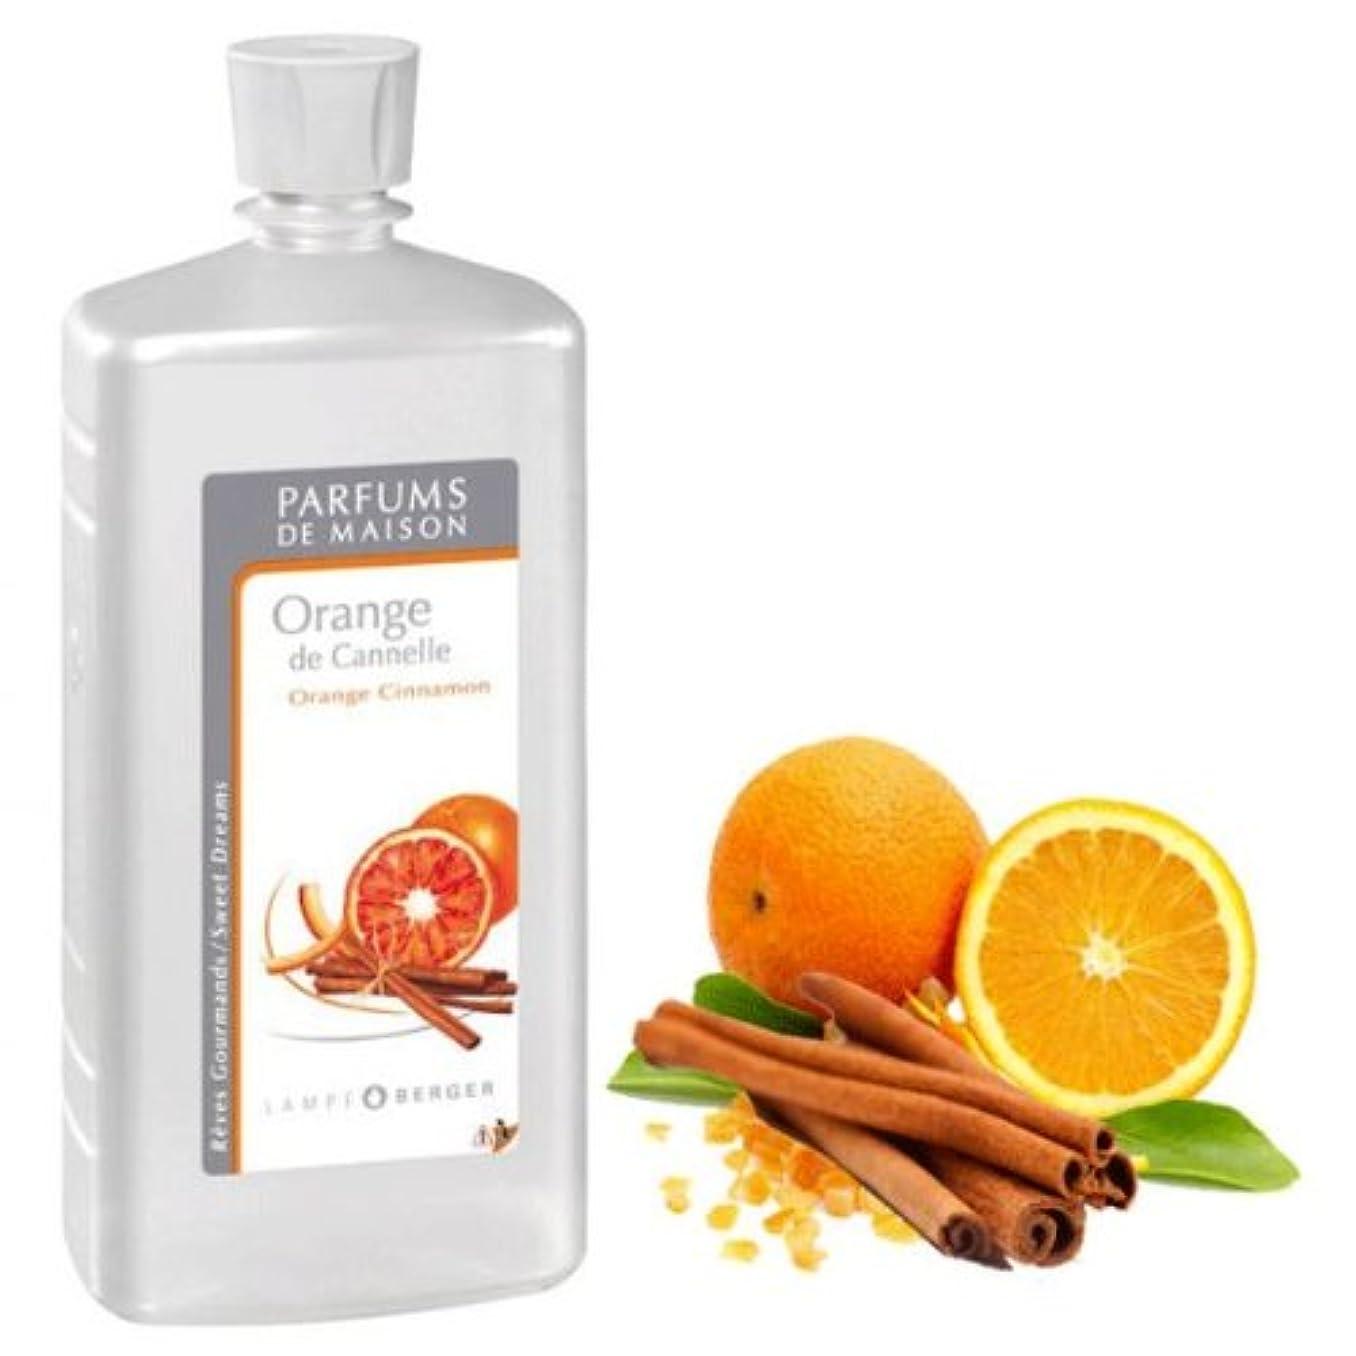 伴う必須適応する【フランス版】ランプベルジェオイル1L オレンジシナモン